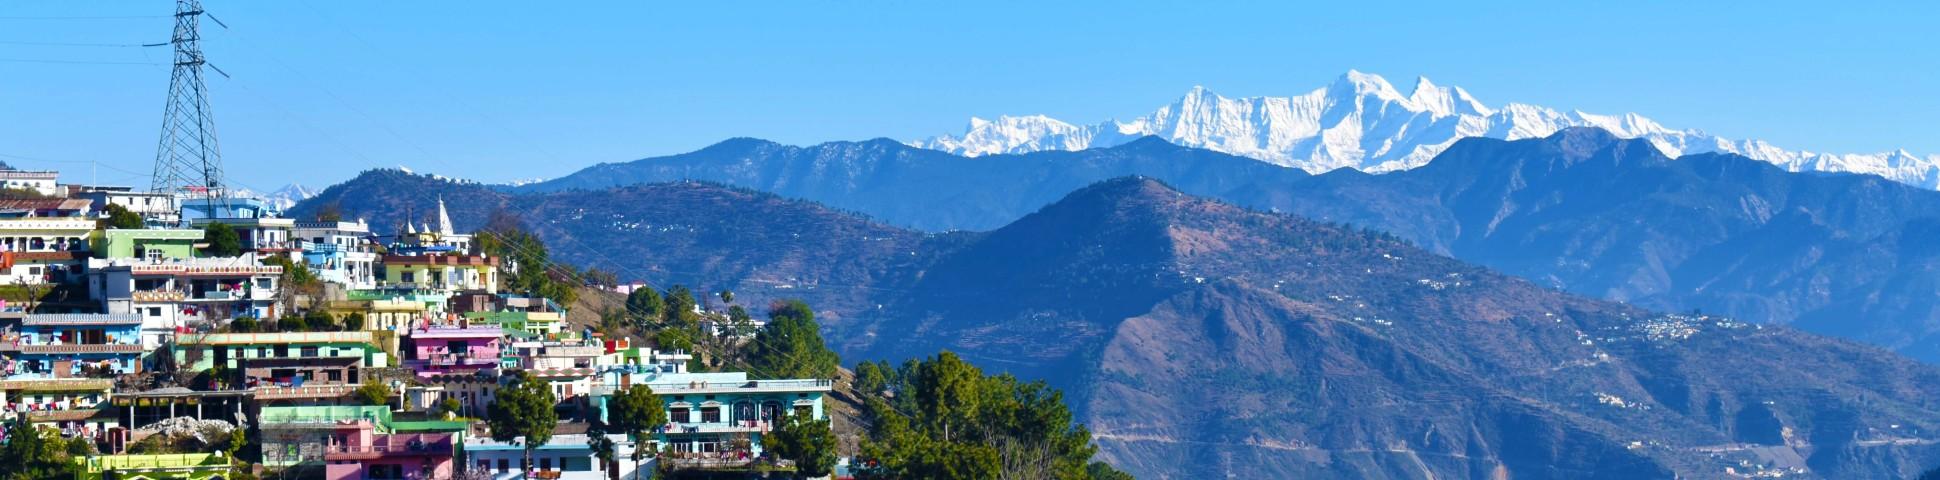 Uttarakhand (India)